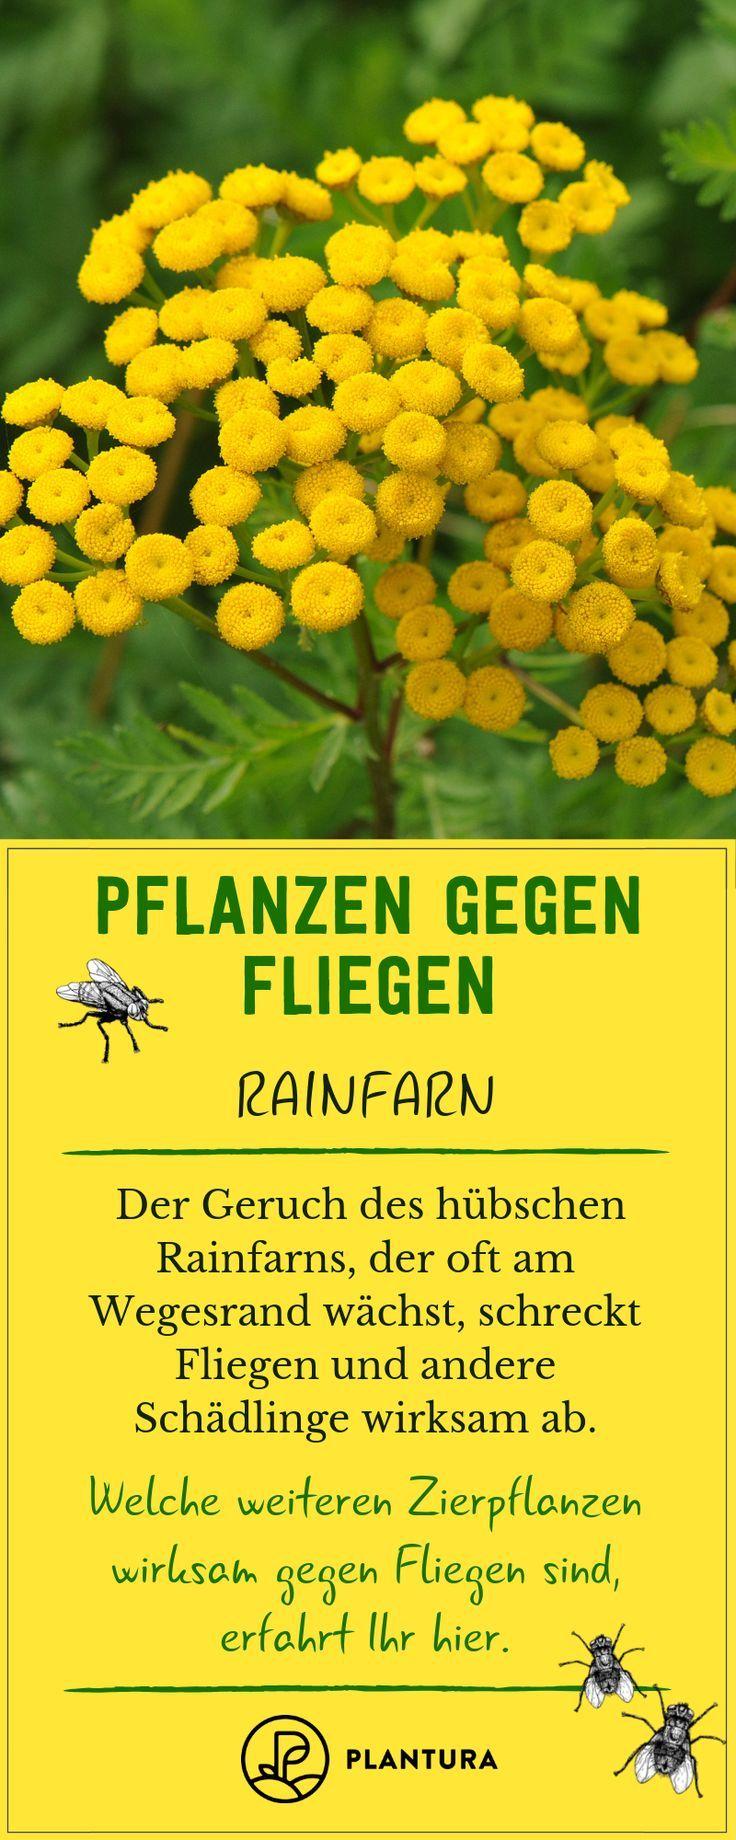 Fliegen Pflanzengegenfliegen Fliegenvertreiben Pflanzen Gegen Fliegen Pflanzen Gegen Flie Vegetable Garden Design Garden Care Garden Plants Vegetable